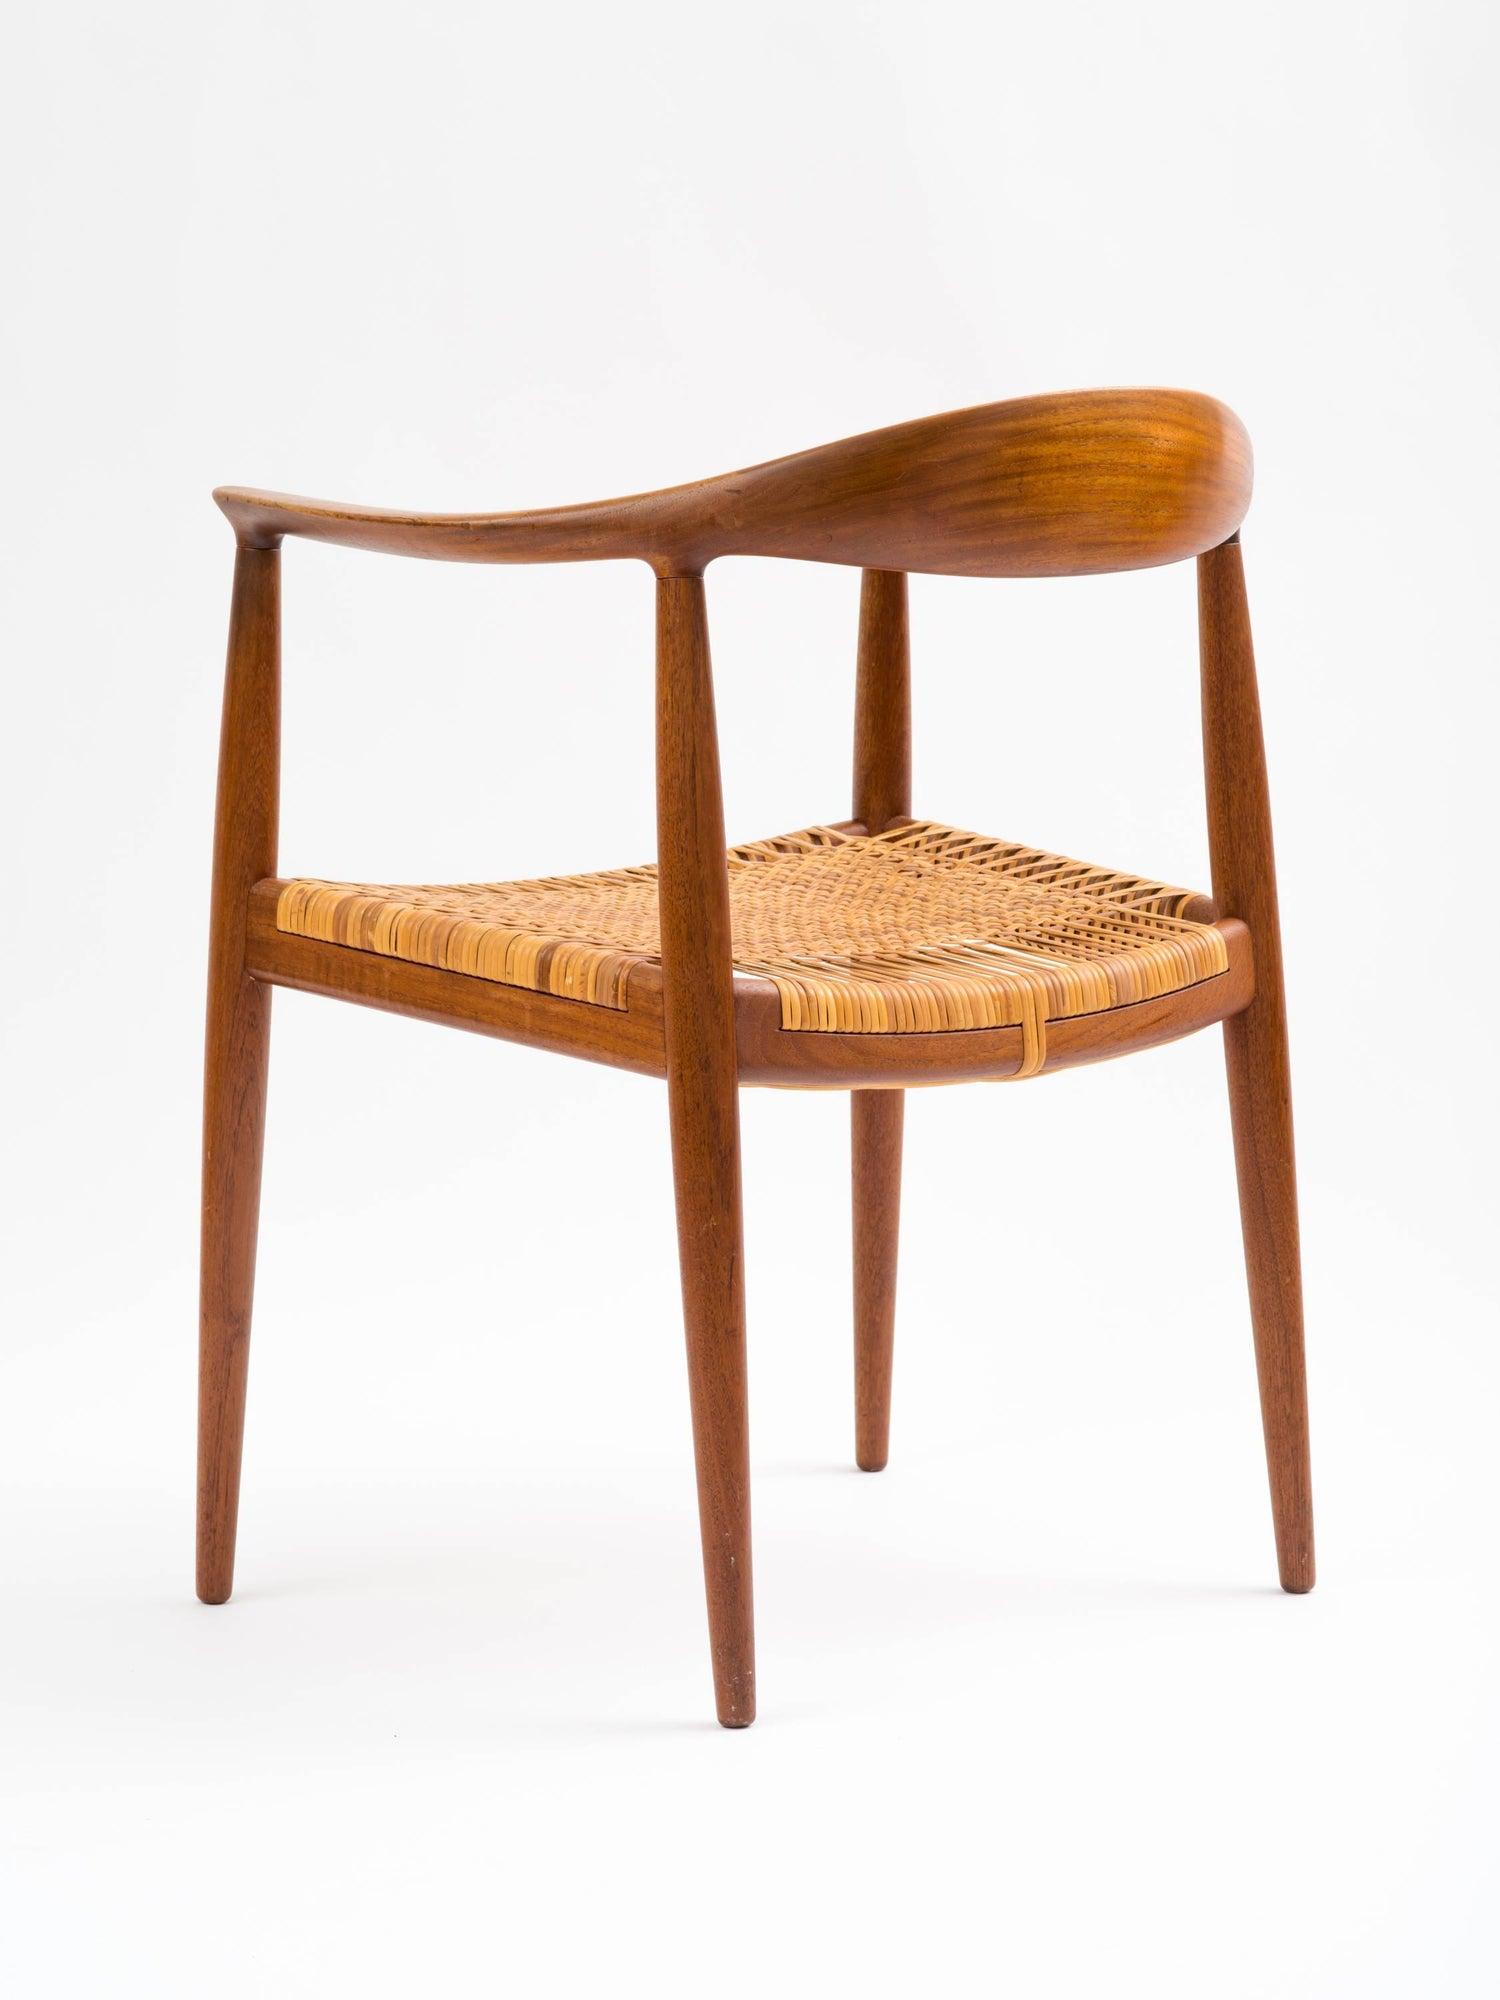 Hans J Wegner Round Chair In Teak With Original Cane